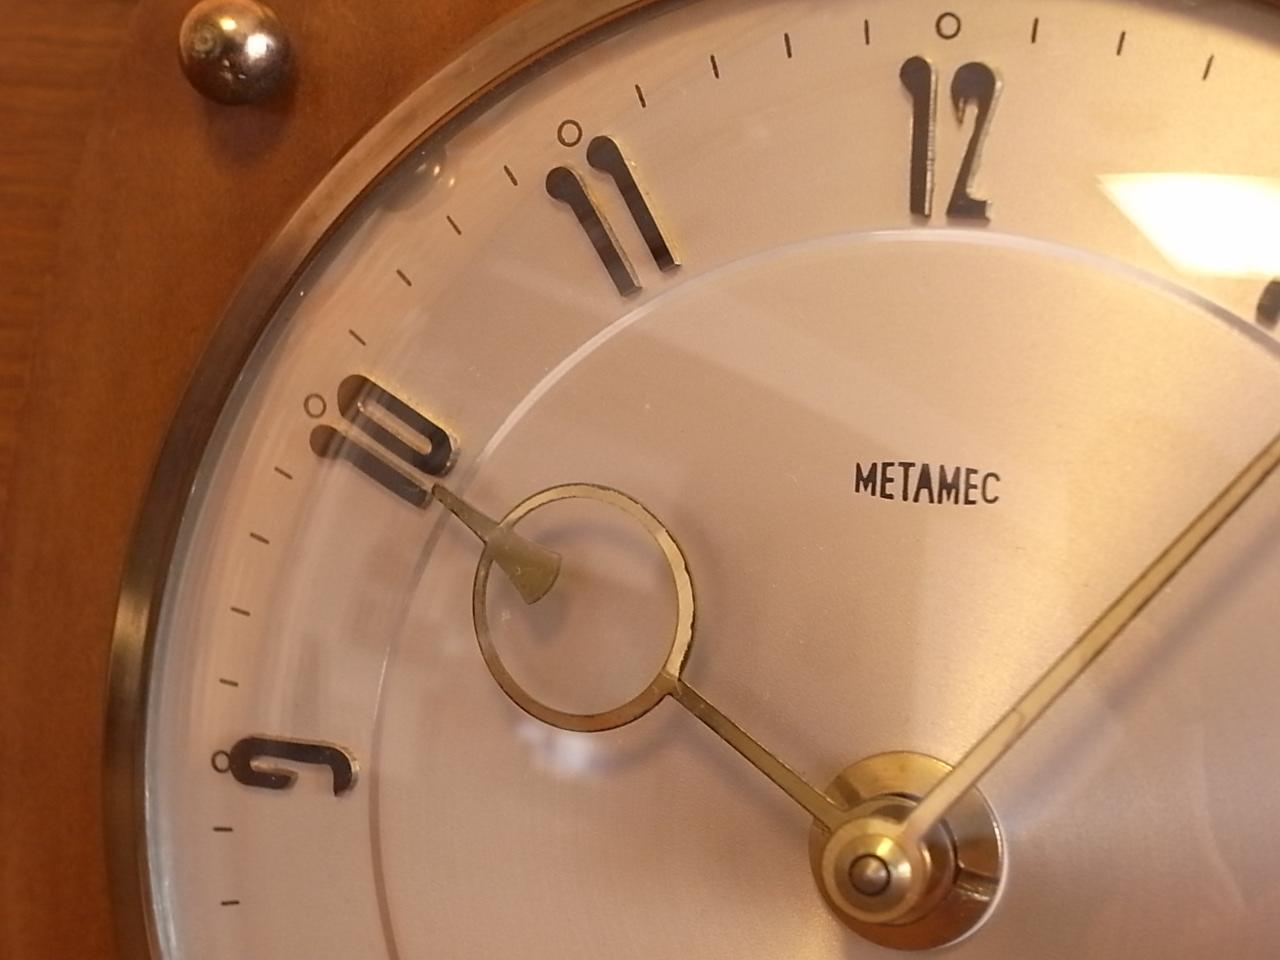 メタメック 8日巻き クロック トノー型の写真5枚目